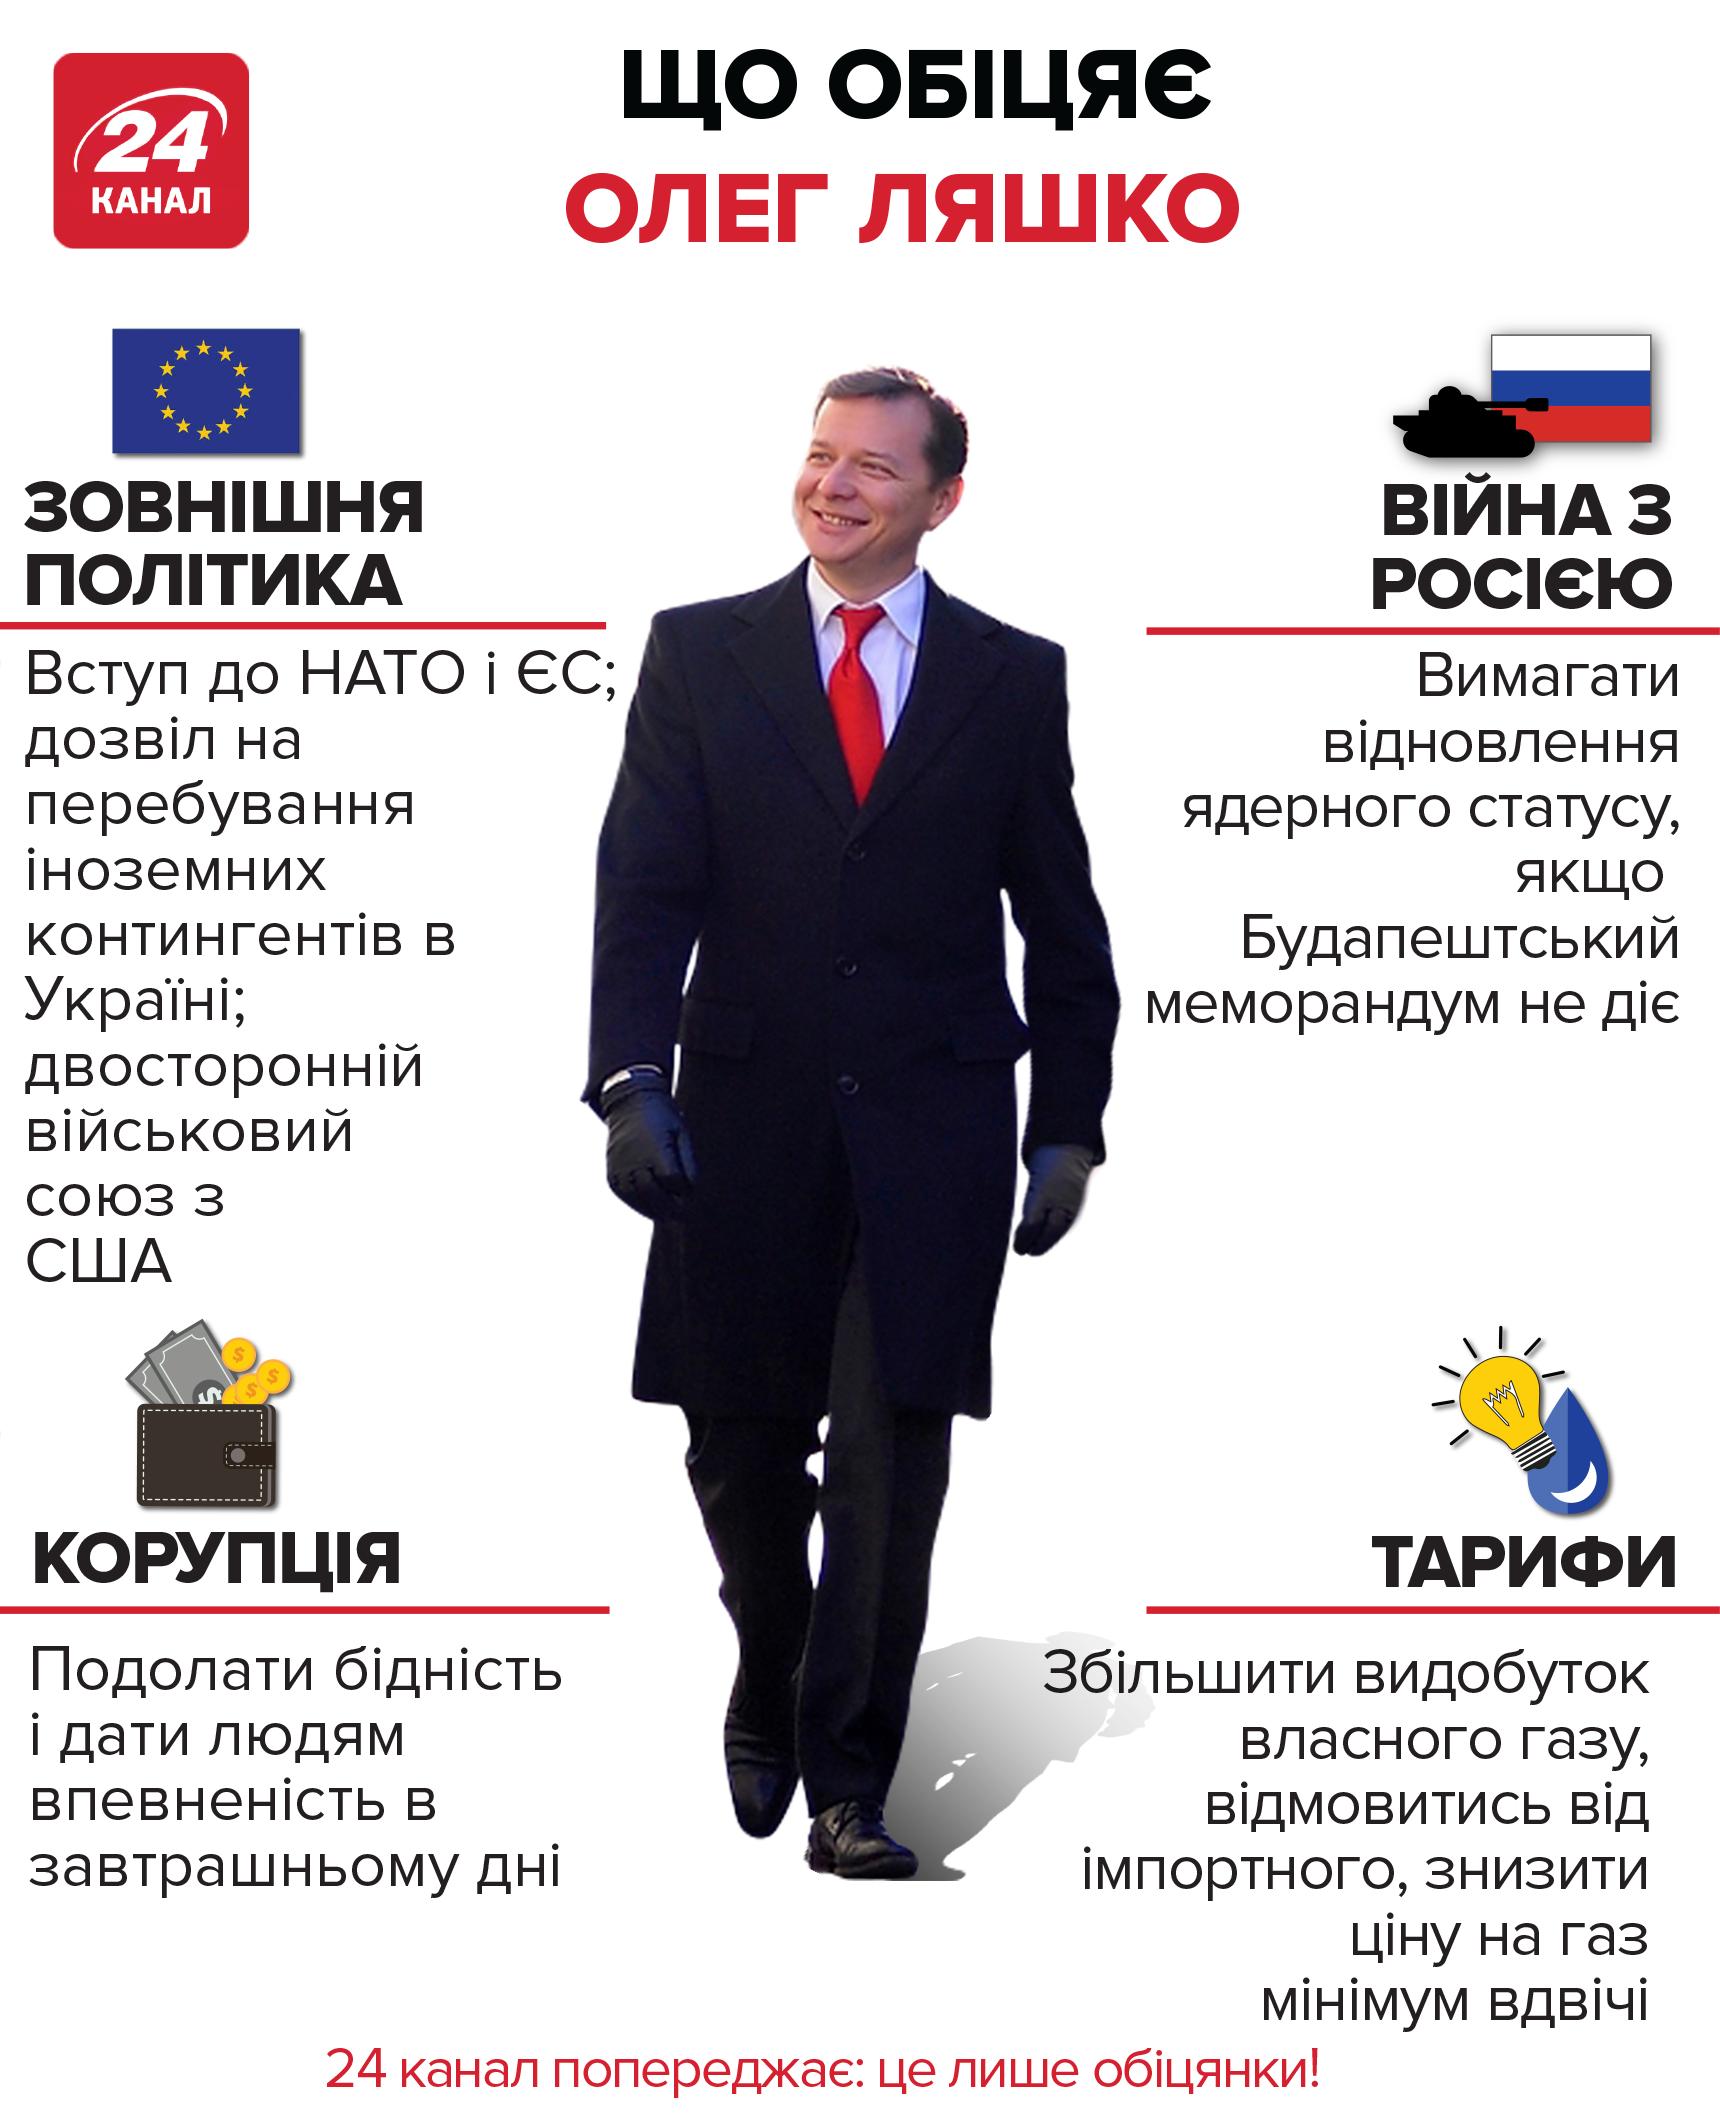 Що обіцяють топ-8 кандидатів у президенти: інфографіка